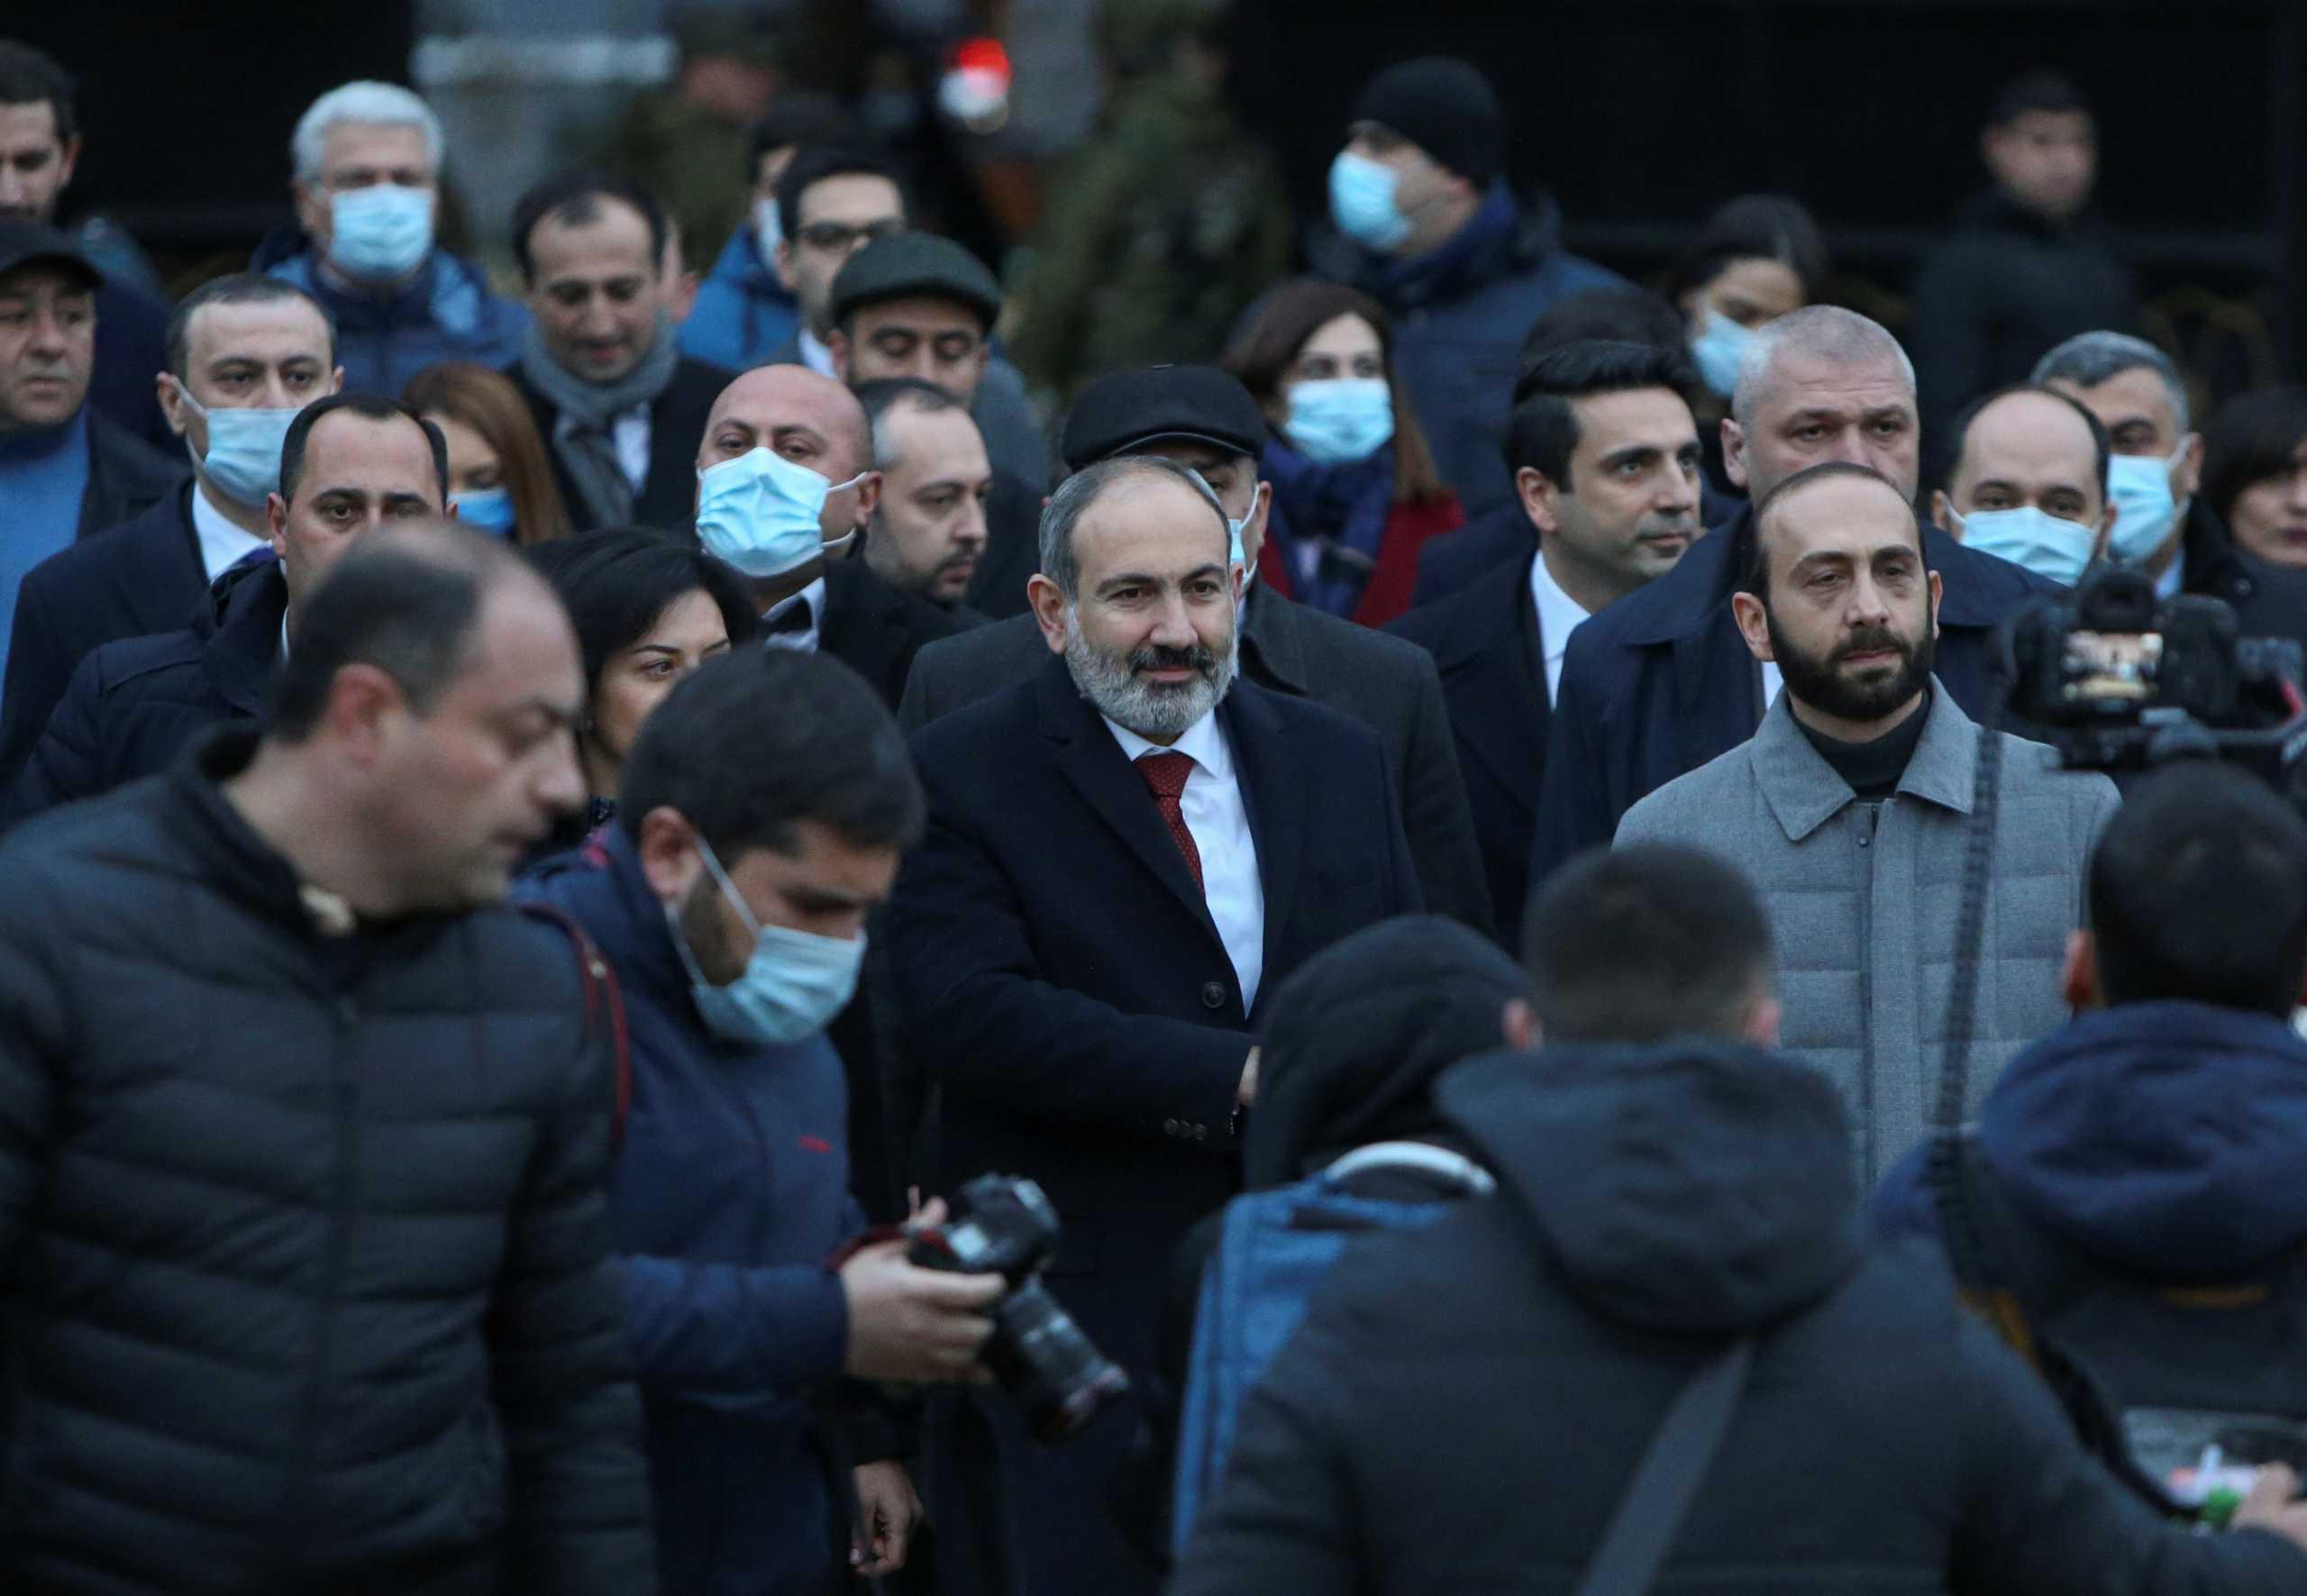 Αρμενία: Ο στρατός ζητά την παραίτηση του Πασινιάν